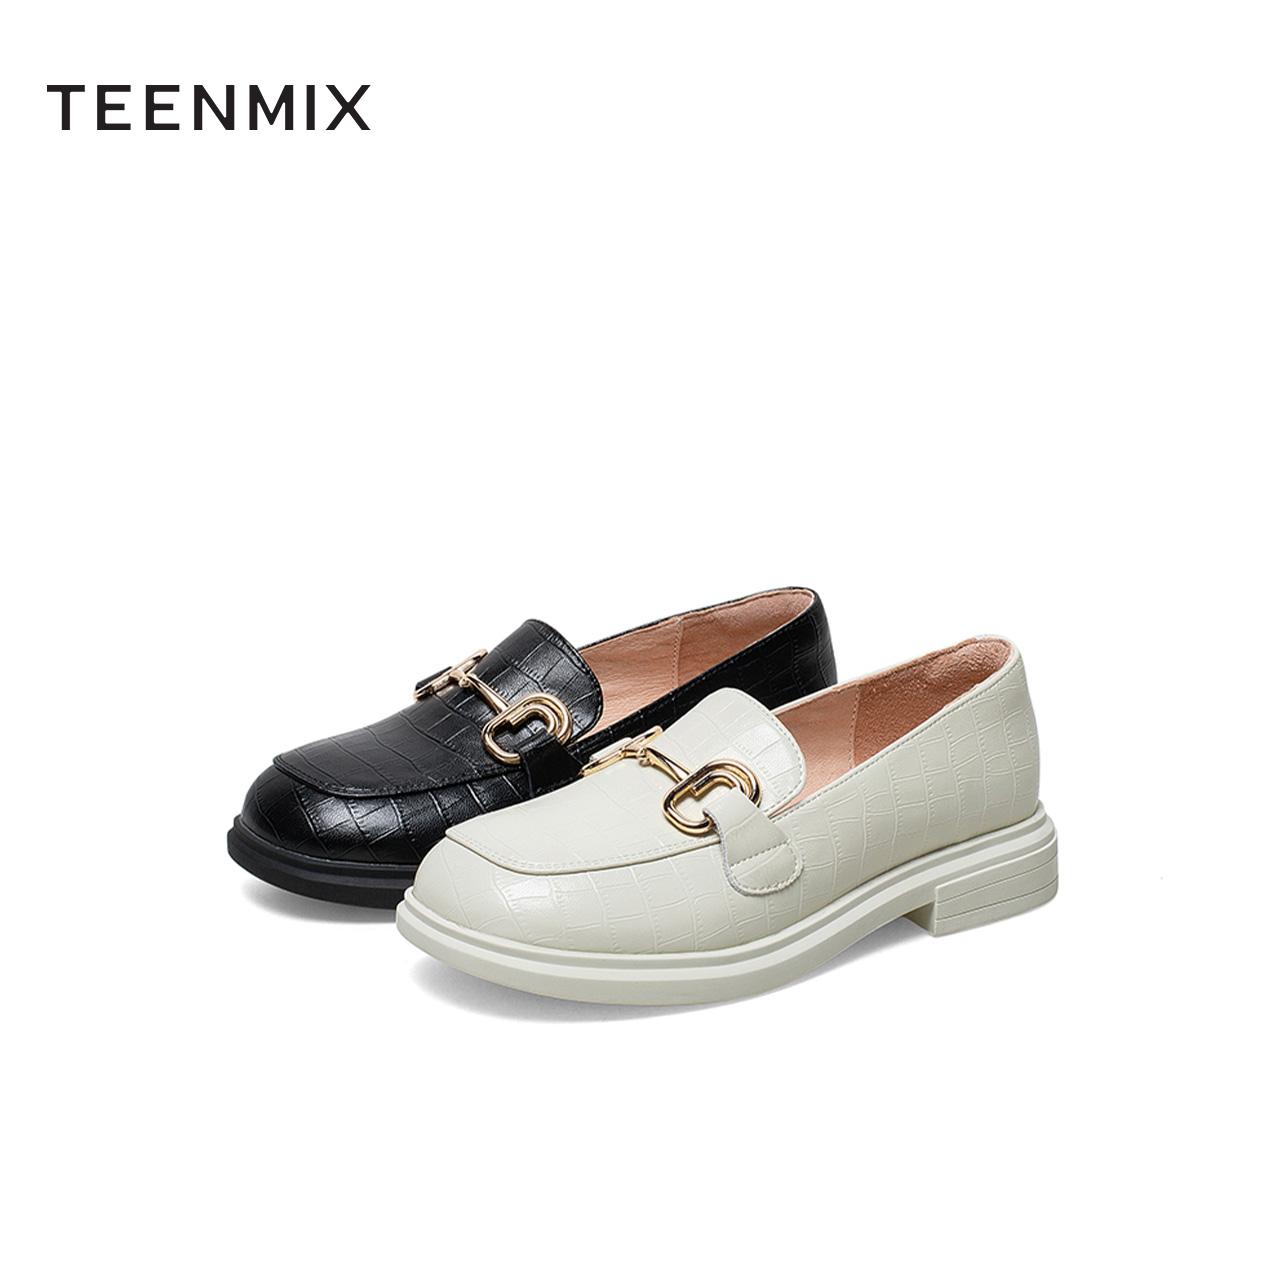 春夏新款一脚蹬圆头皮鞋商场同款 2021 天美意复古厚底乐福鞋女单鞋